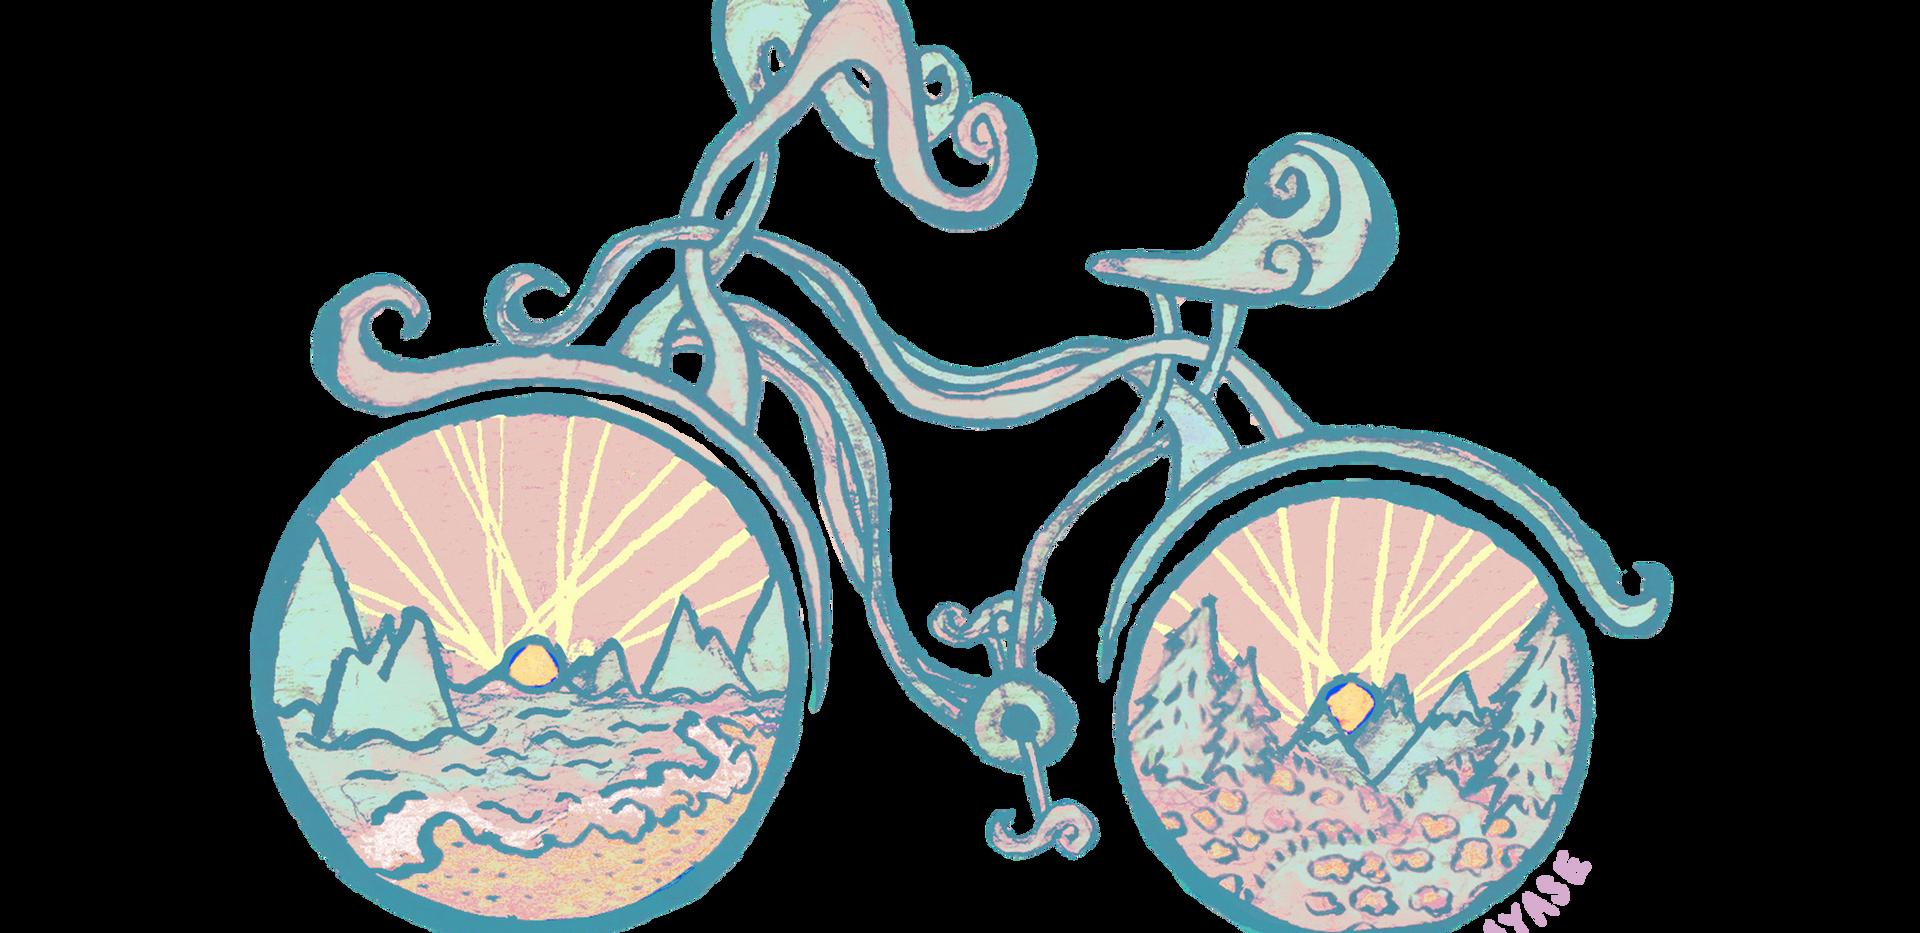 Bike Trip Light